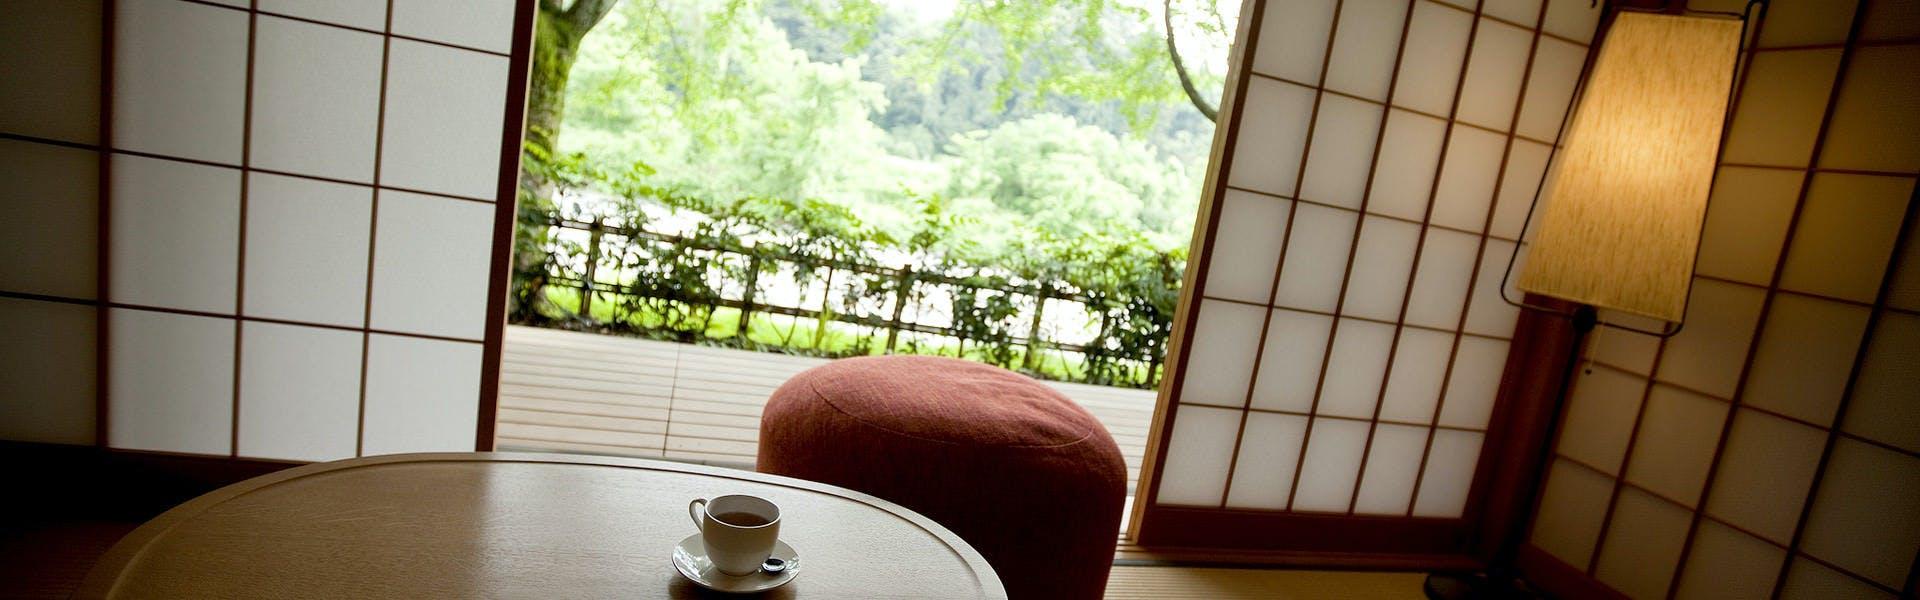 記念日におすすめのホテル・金沢犀川温泉 川端の湯宿 滝亭の写真2